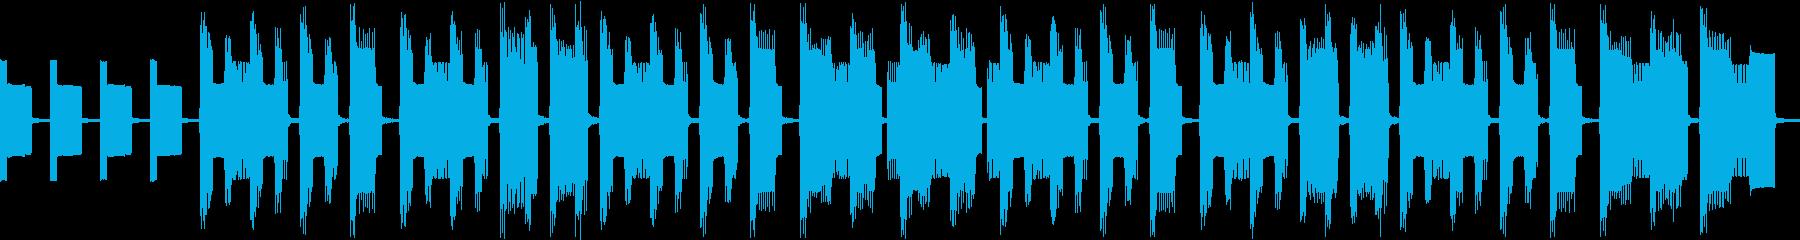 考え中、ヘンテコな雰囲気(ループ仕様)の再生済みの波形